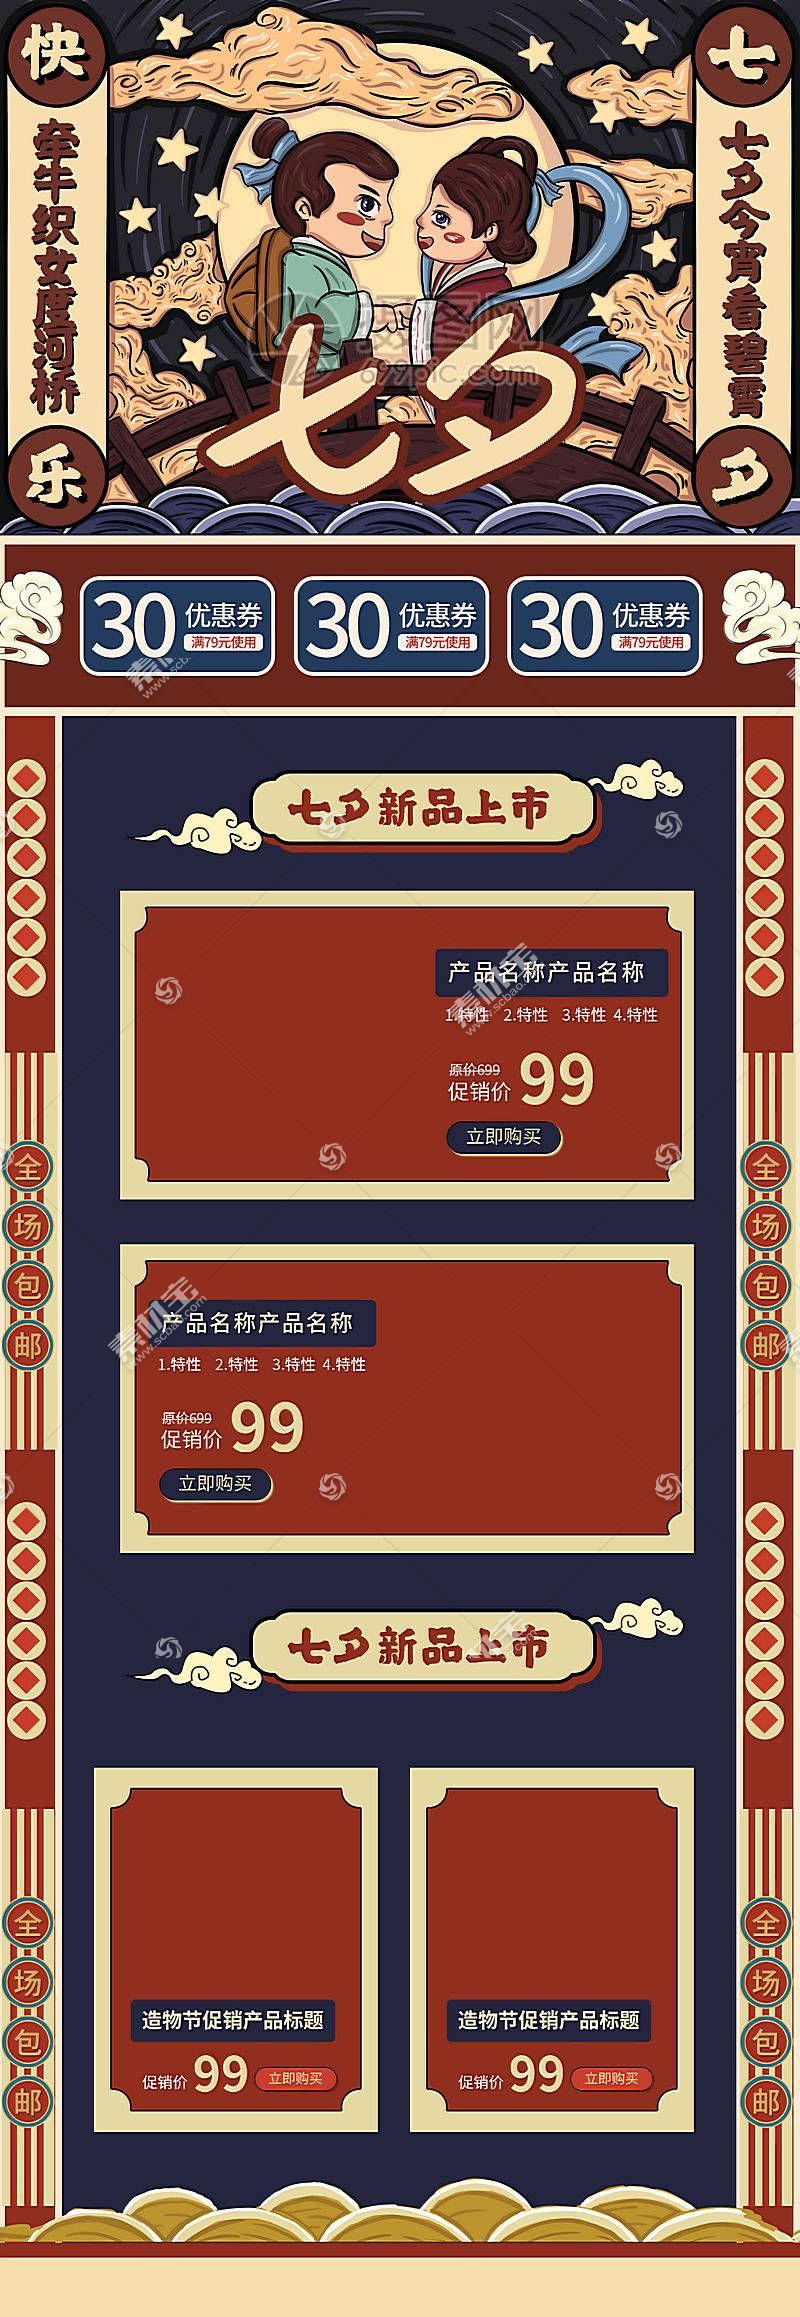 时尚国潮风电商促销活动通用首页模板